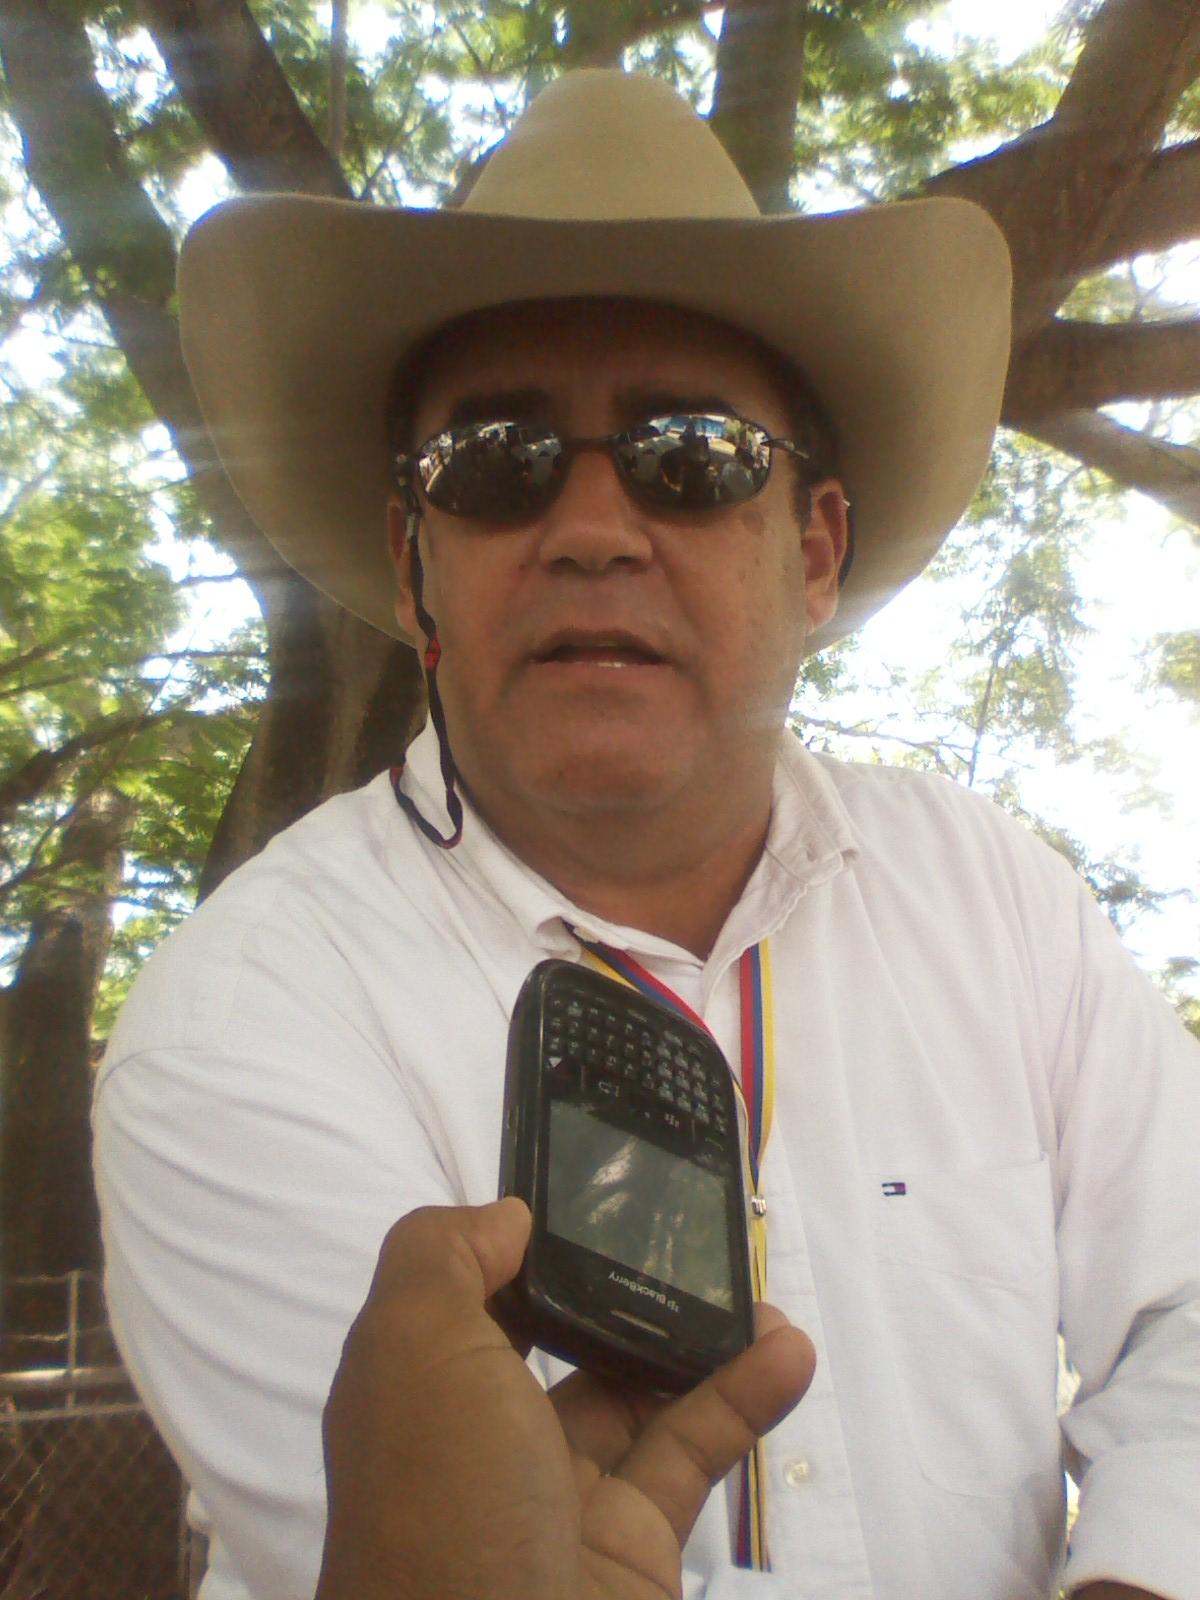 El productor agropecuario Ramón Coronel (lentes oscuros) expresó que lo más importante de esta cabalgata es que el pueblo se de cuenta que tienen que luchar